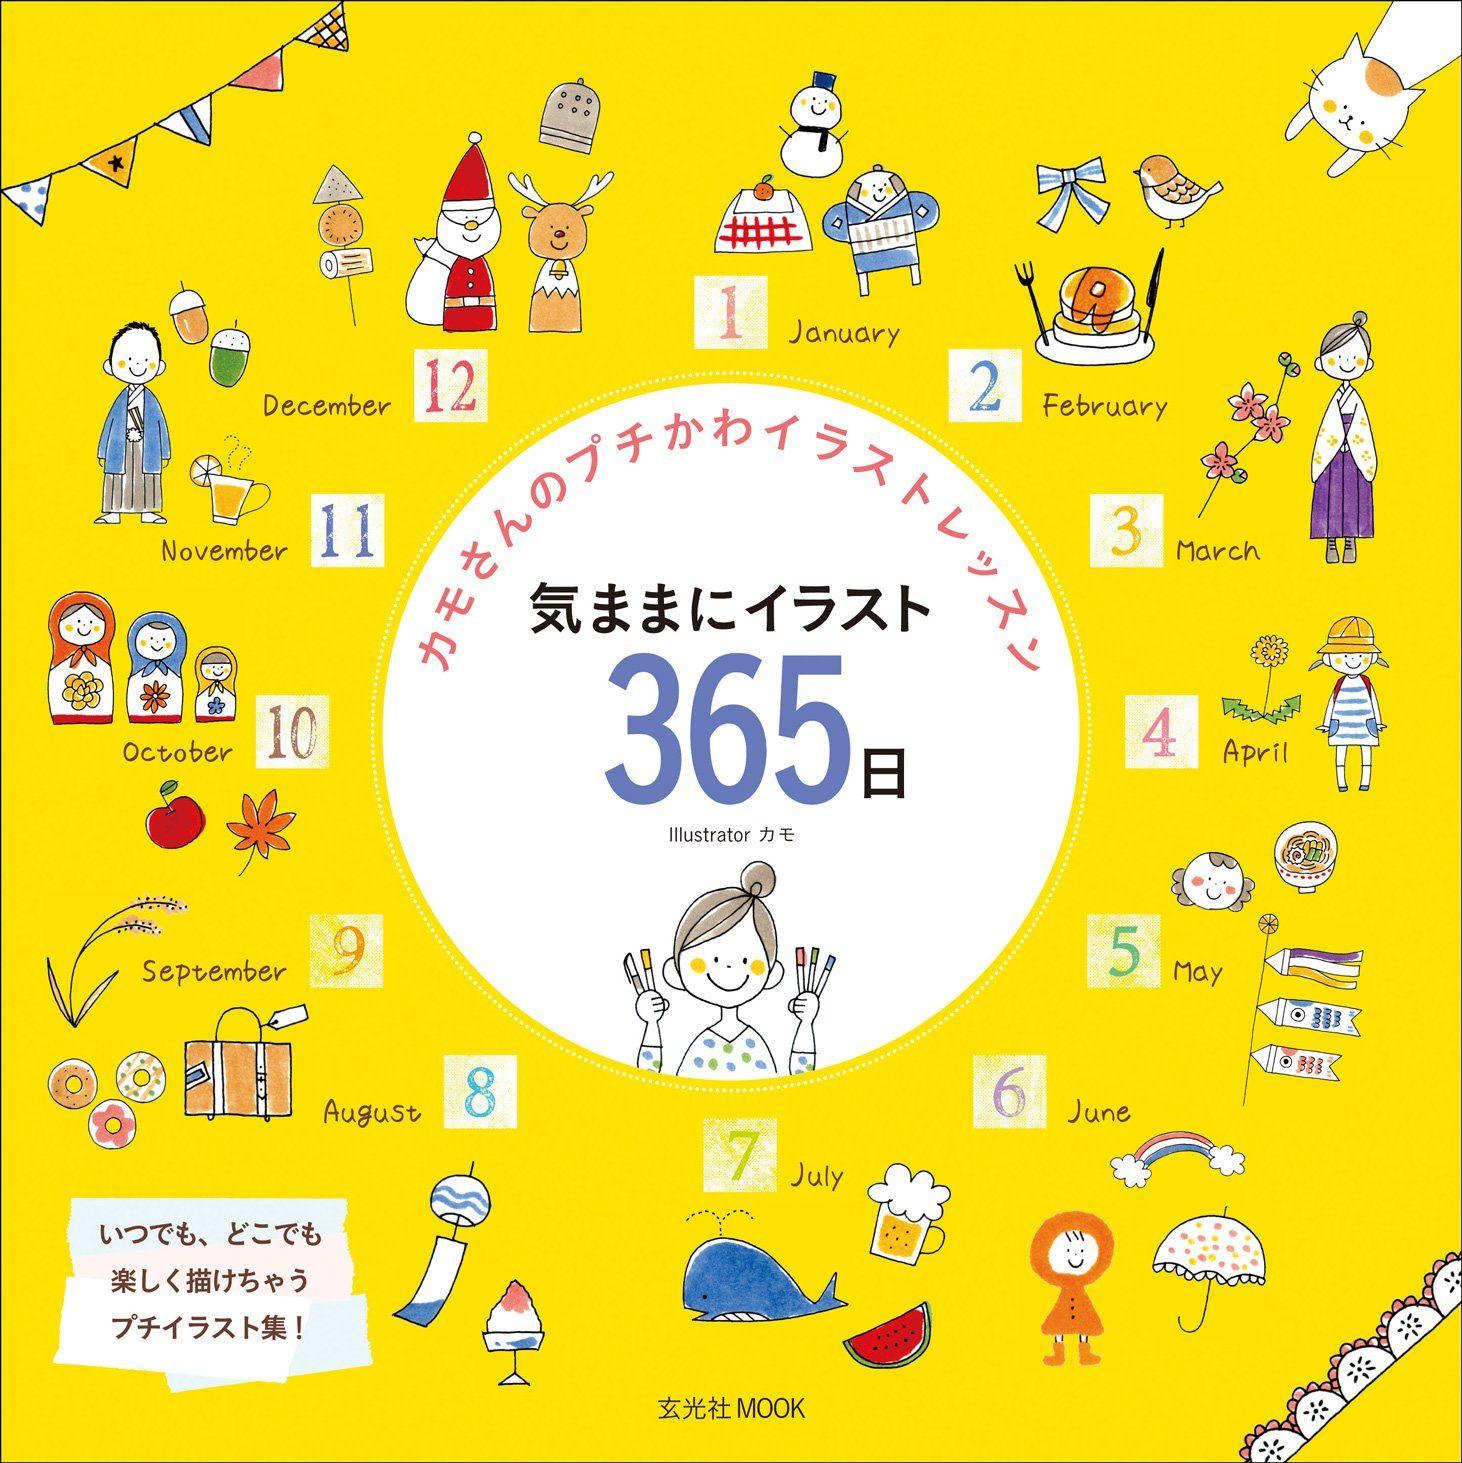 amazon.co.jp: カモさんのプチかわイラストレッスン 気ままにイラスト